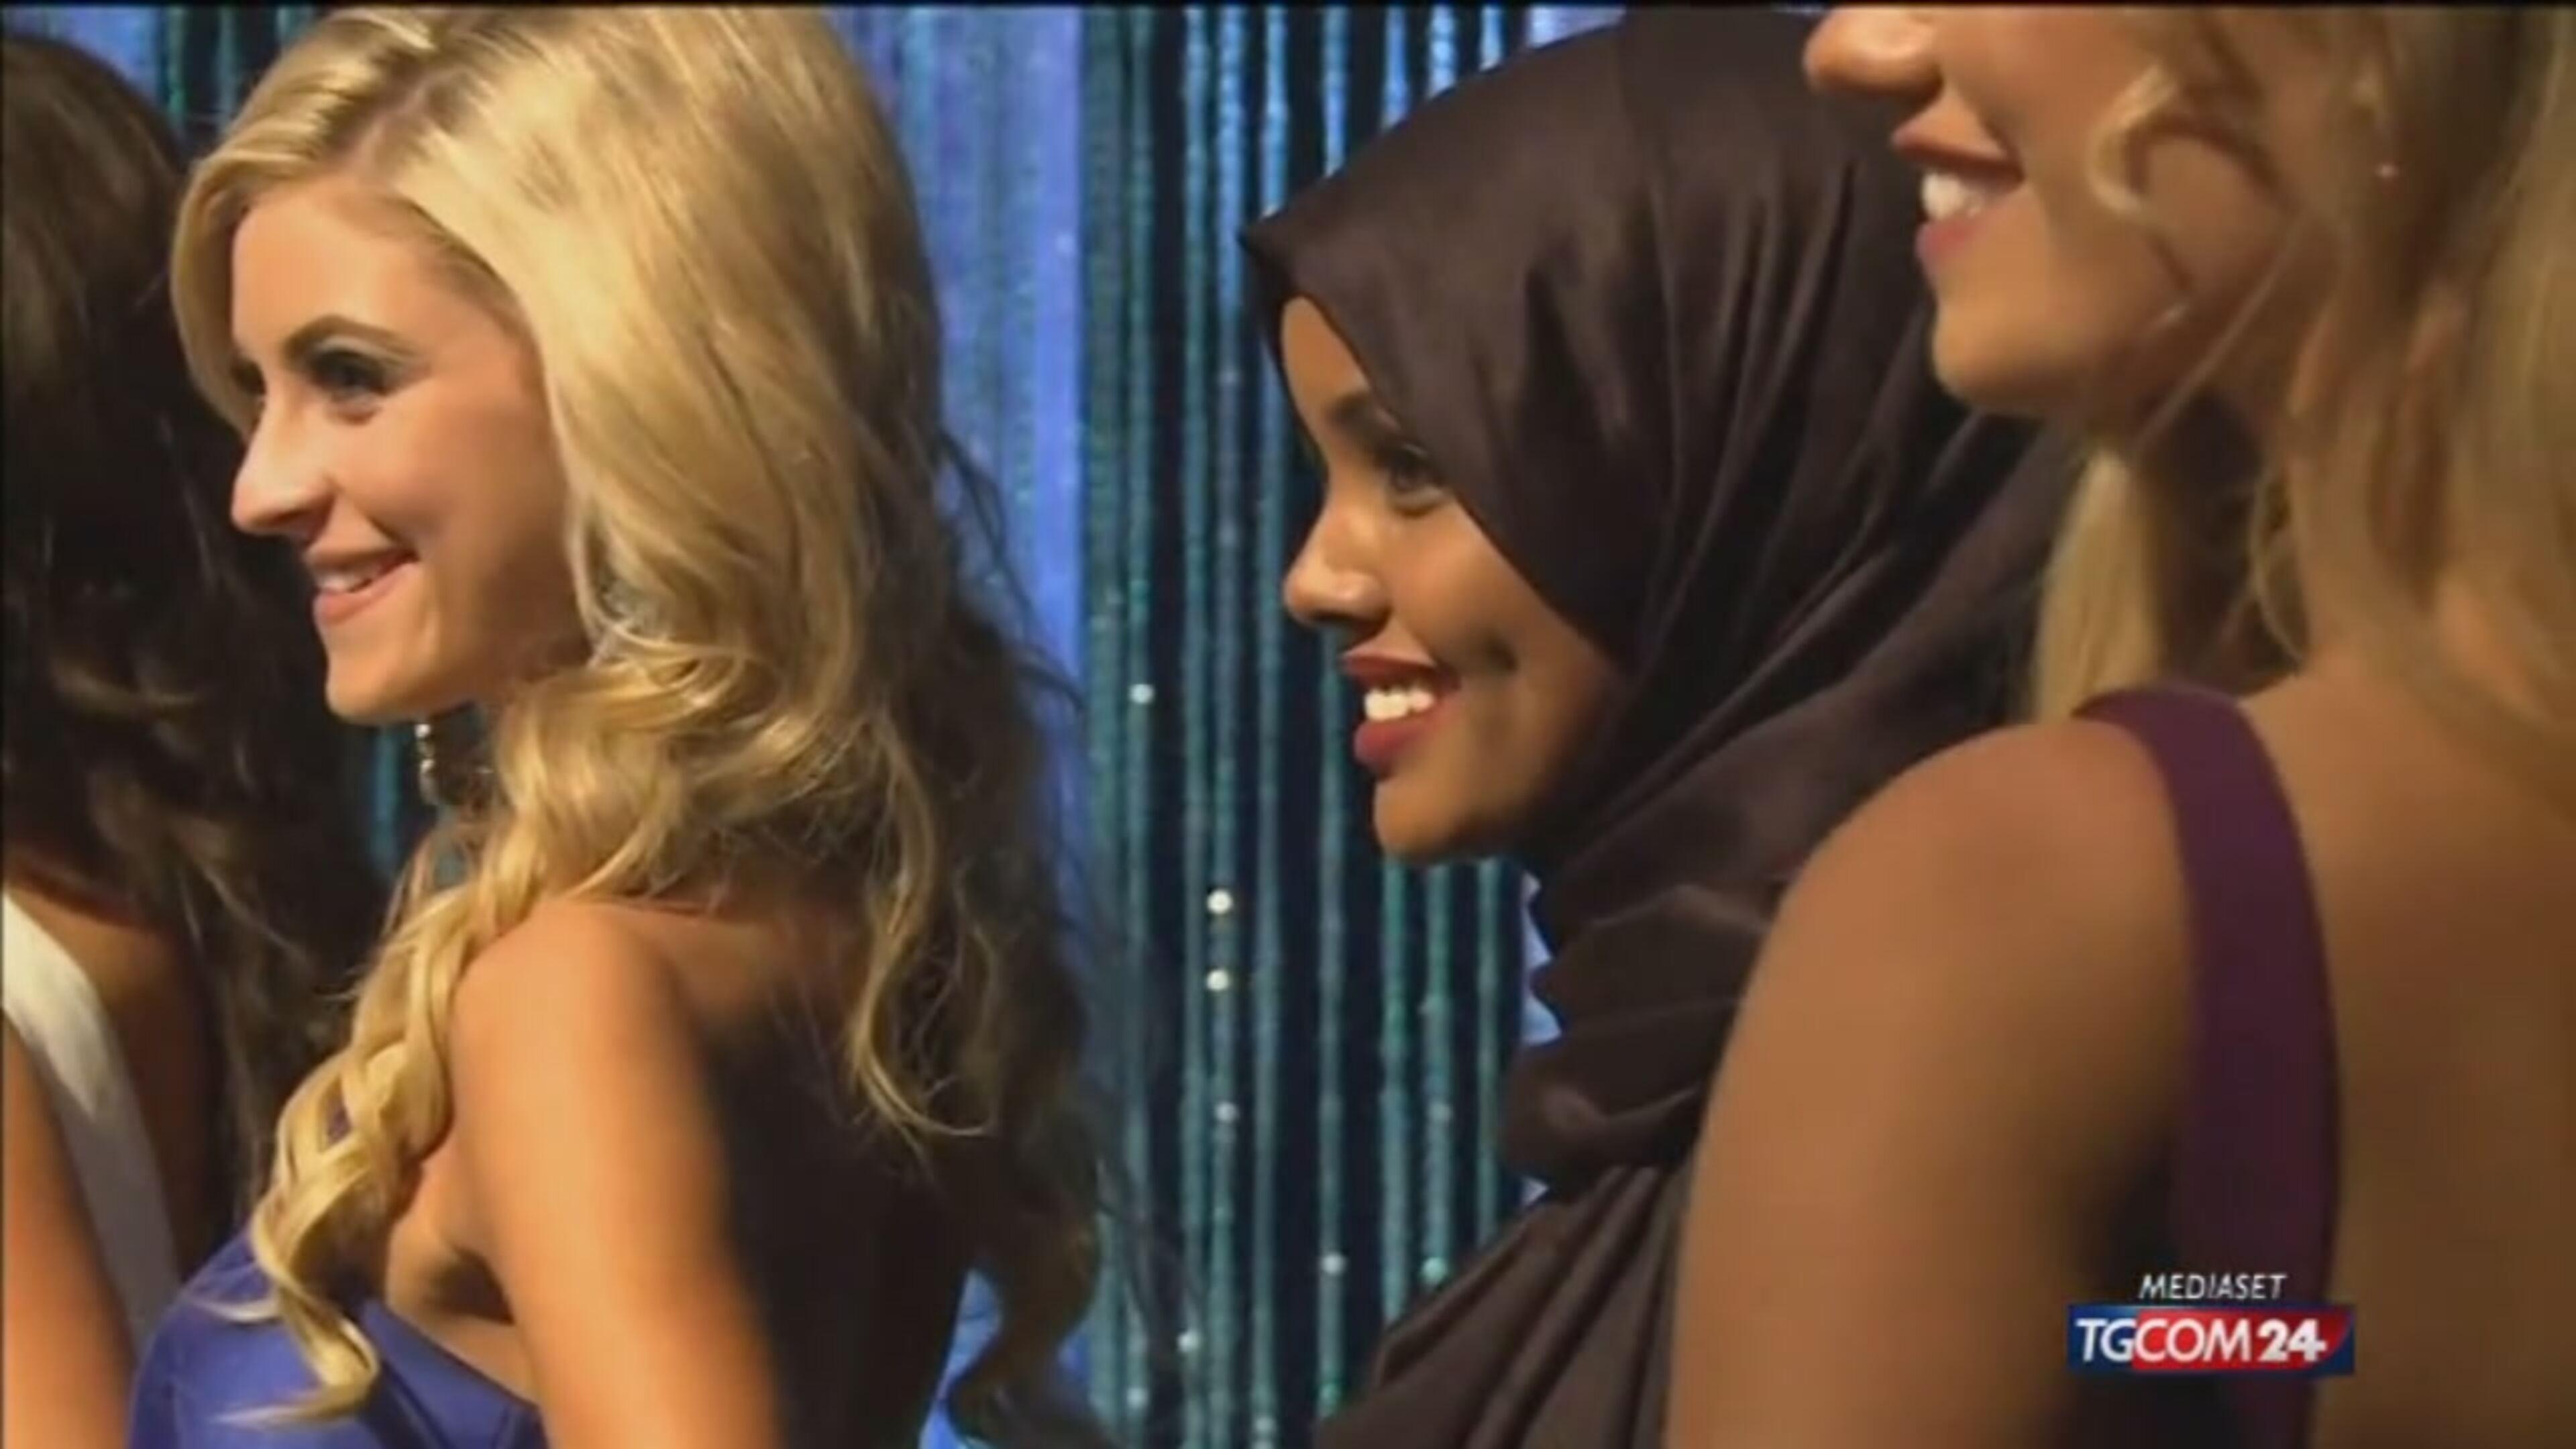 Usa, la modella con il velo sale sul podio di Miss Minnesota